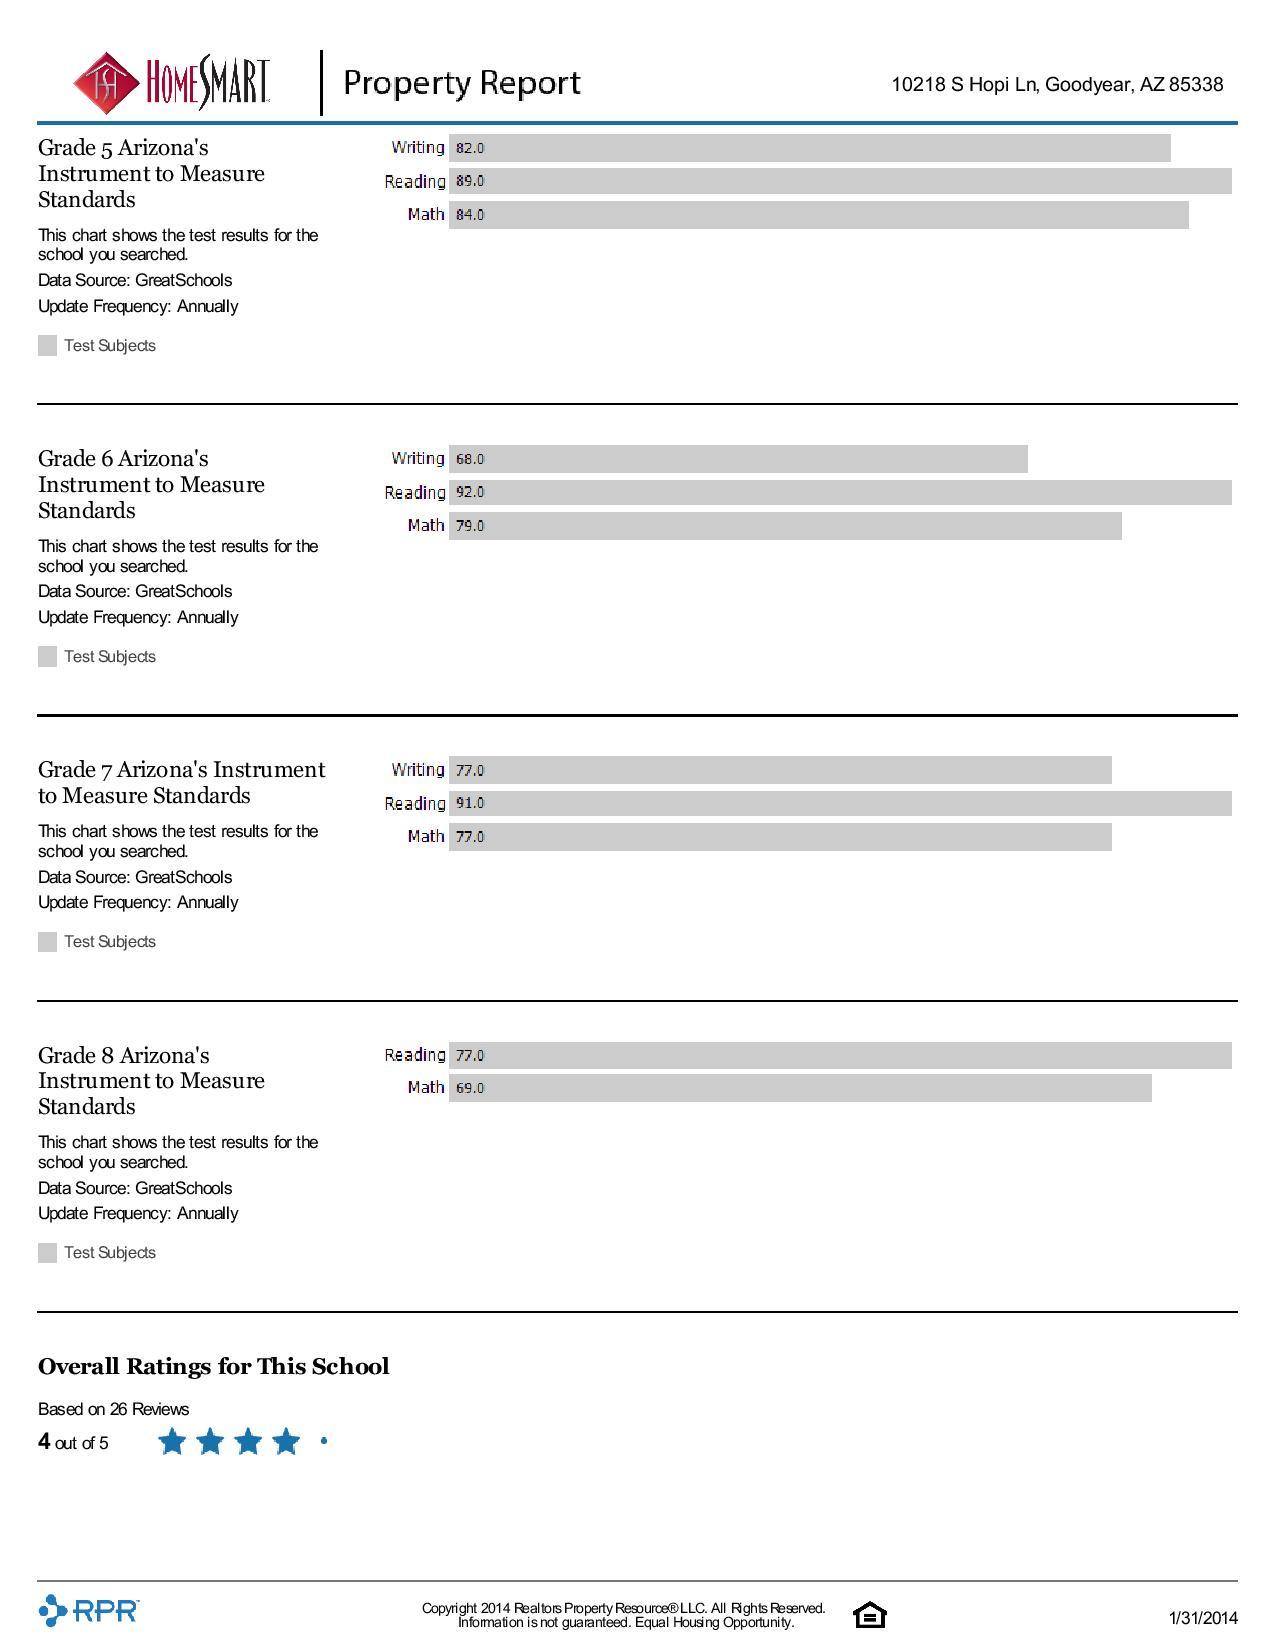 10218-S-Hopi-Ln-Goodyear-AZ-85338.pdf-page-016